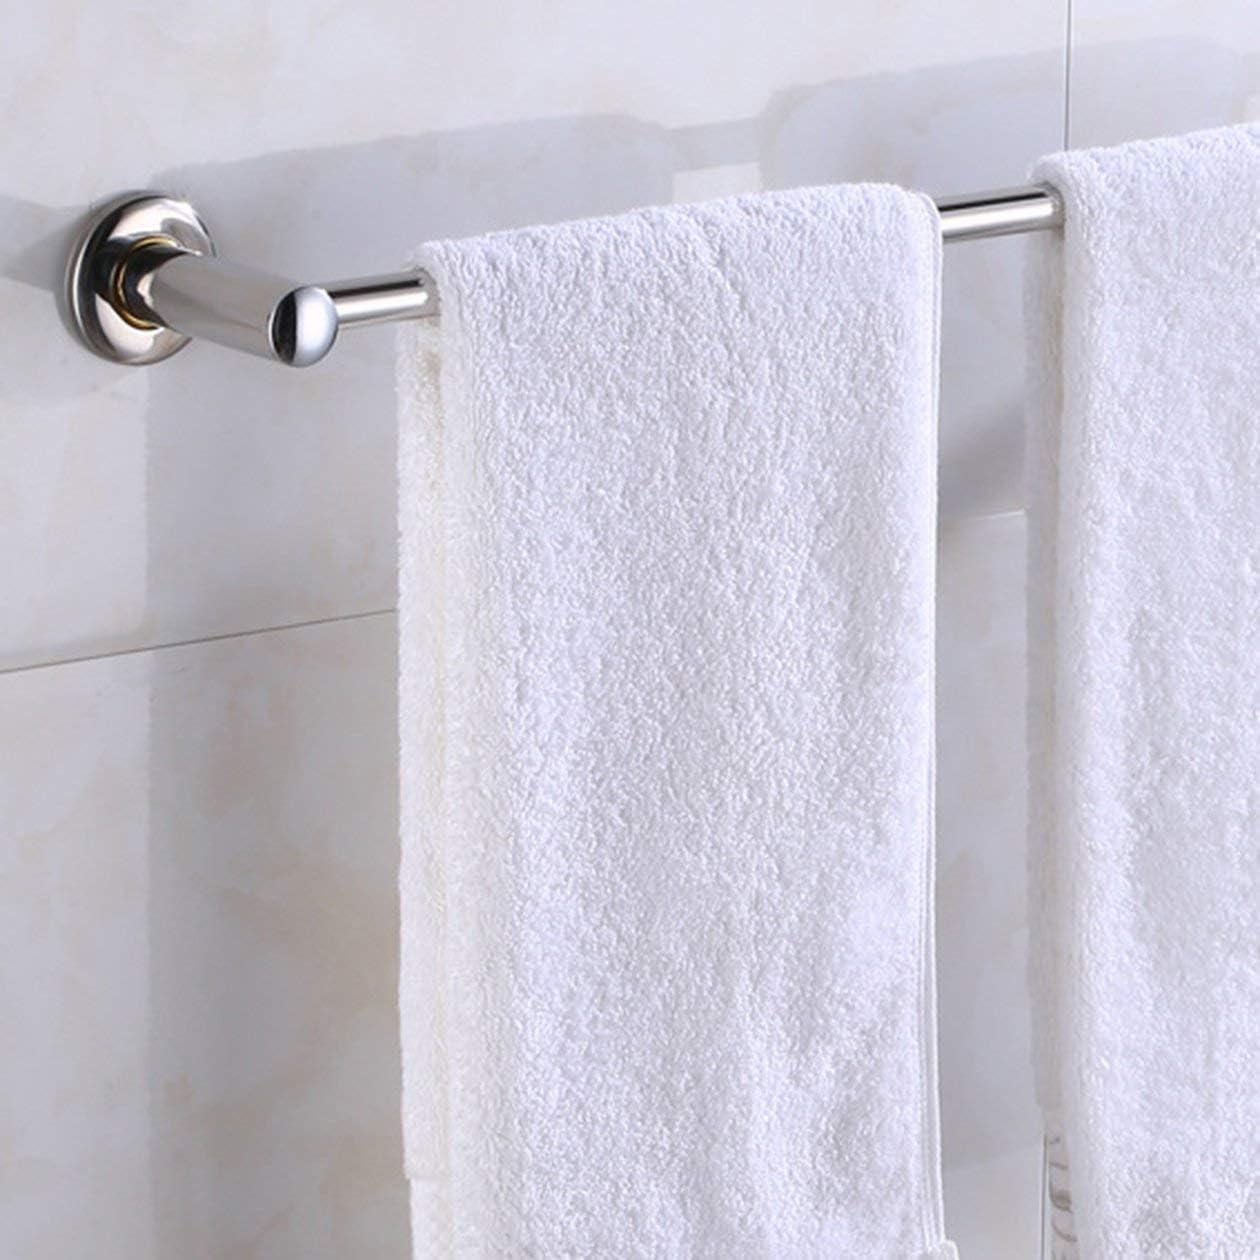 couleur: Argent Multifonctionnel en acier inoxydable porte-serviettes antirouille Toilette Salle de bains Salle de bains Stockage Porte-Rack M/énage Tige Barre Suspendue